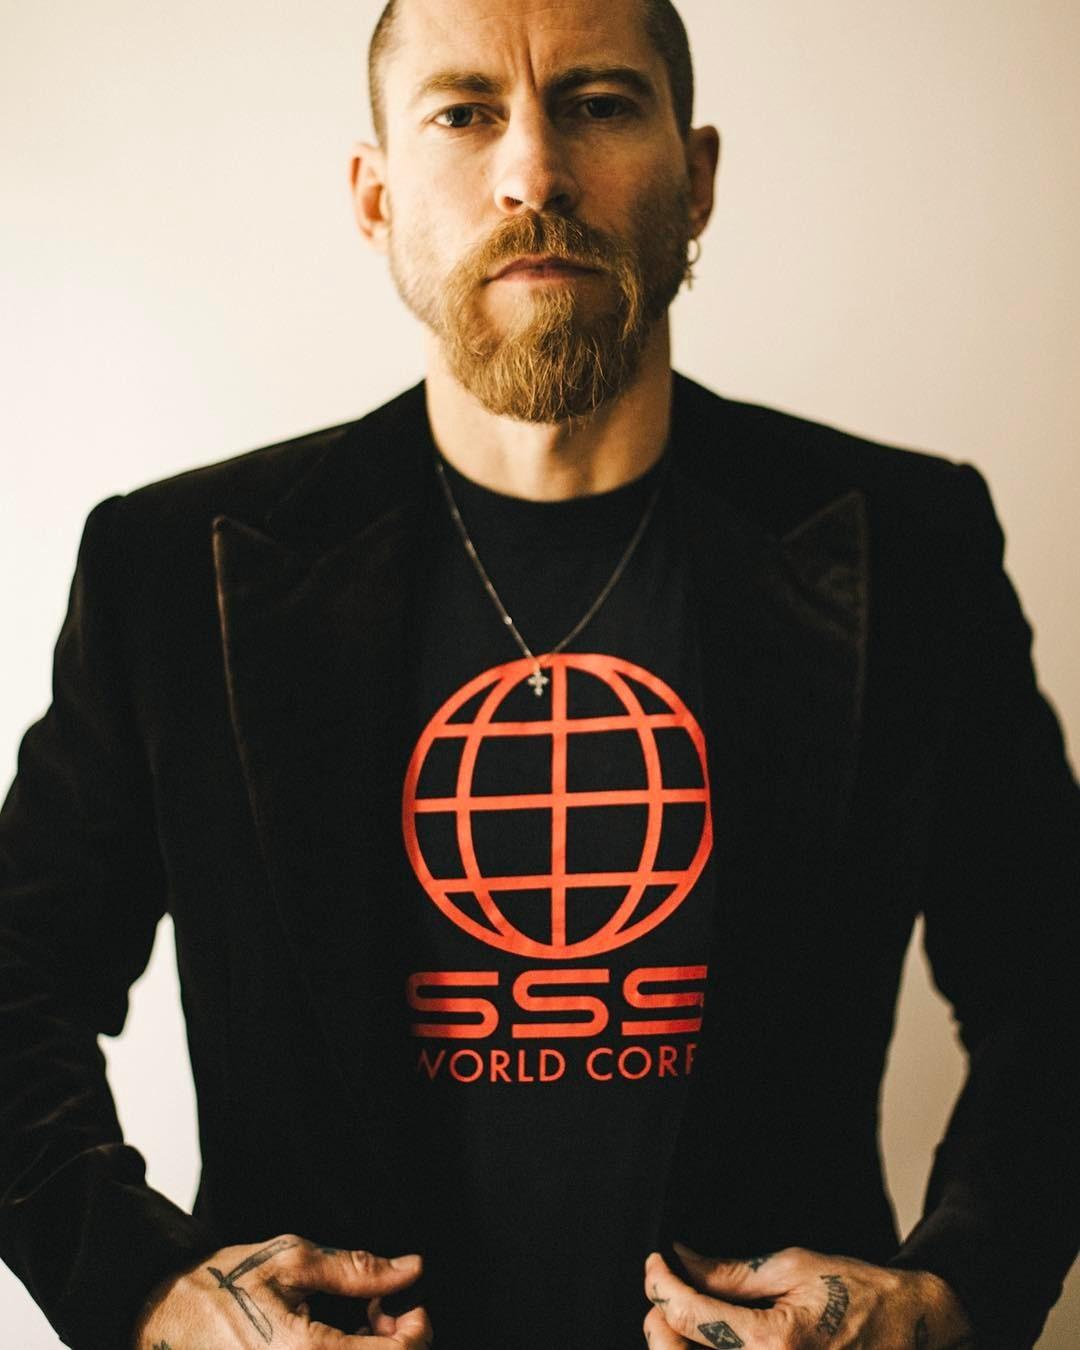 Justin O'Shea e sua nova marca de roupas masculinas de streetwear de luxo  (Foto: Reprodução/Instagram)